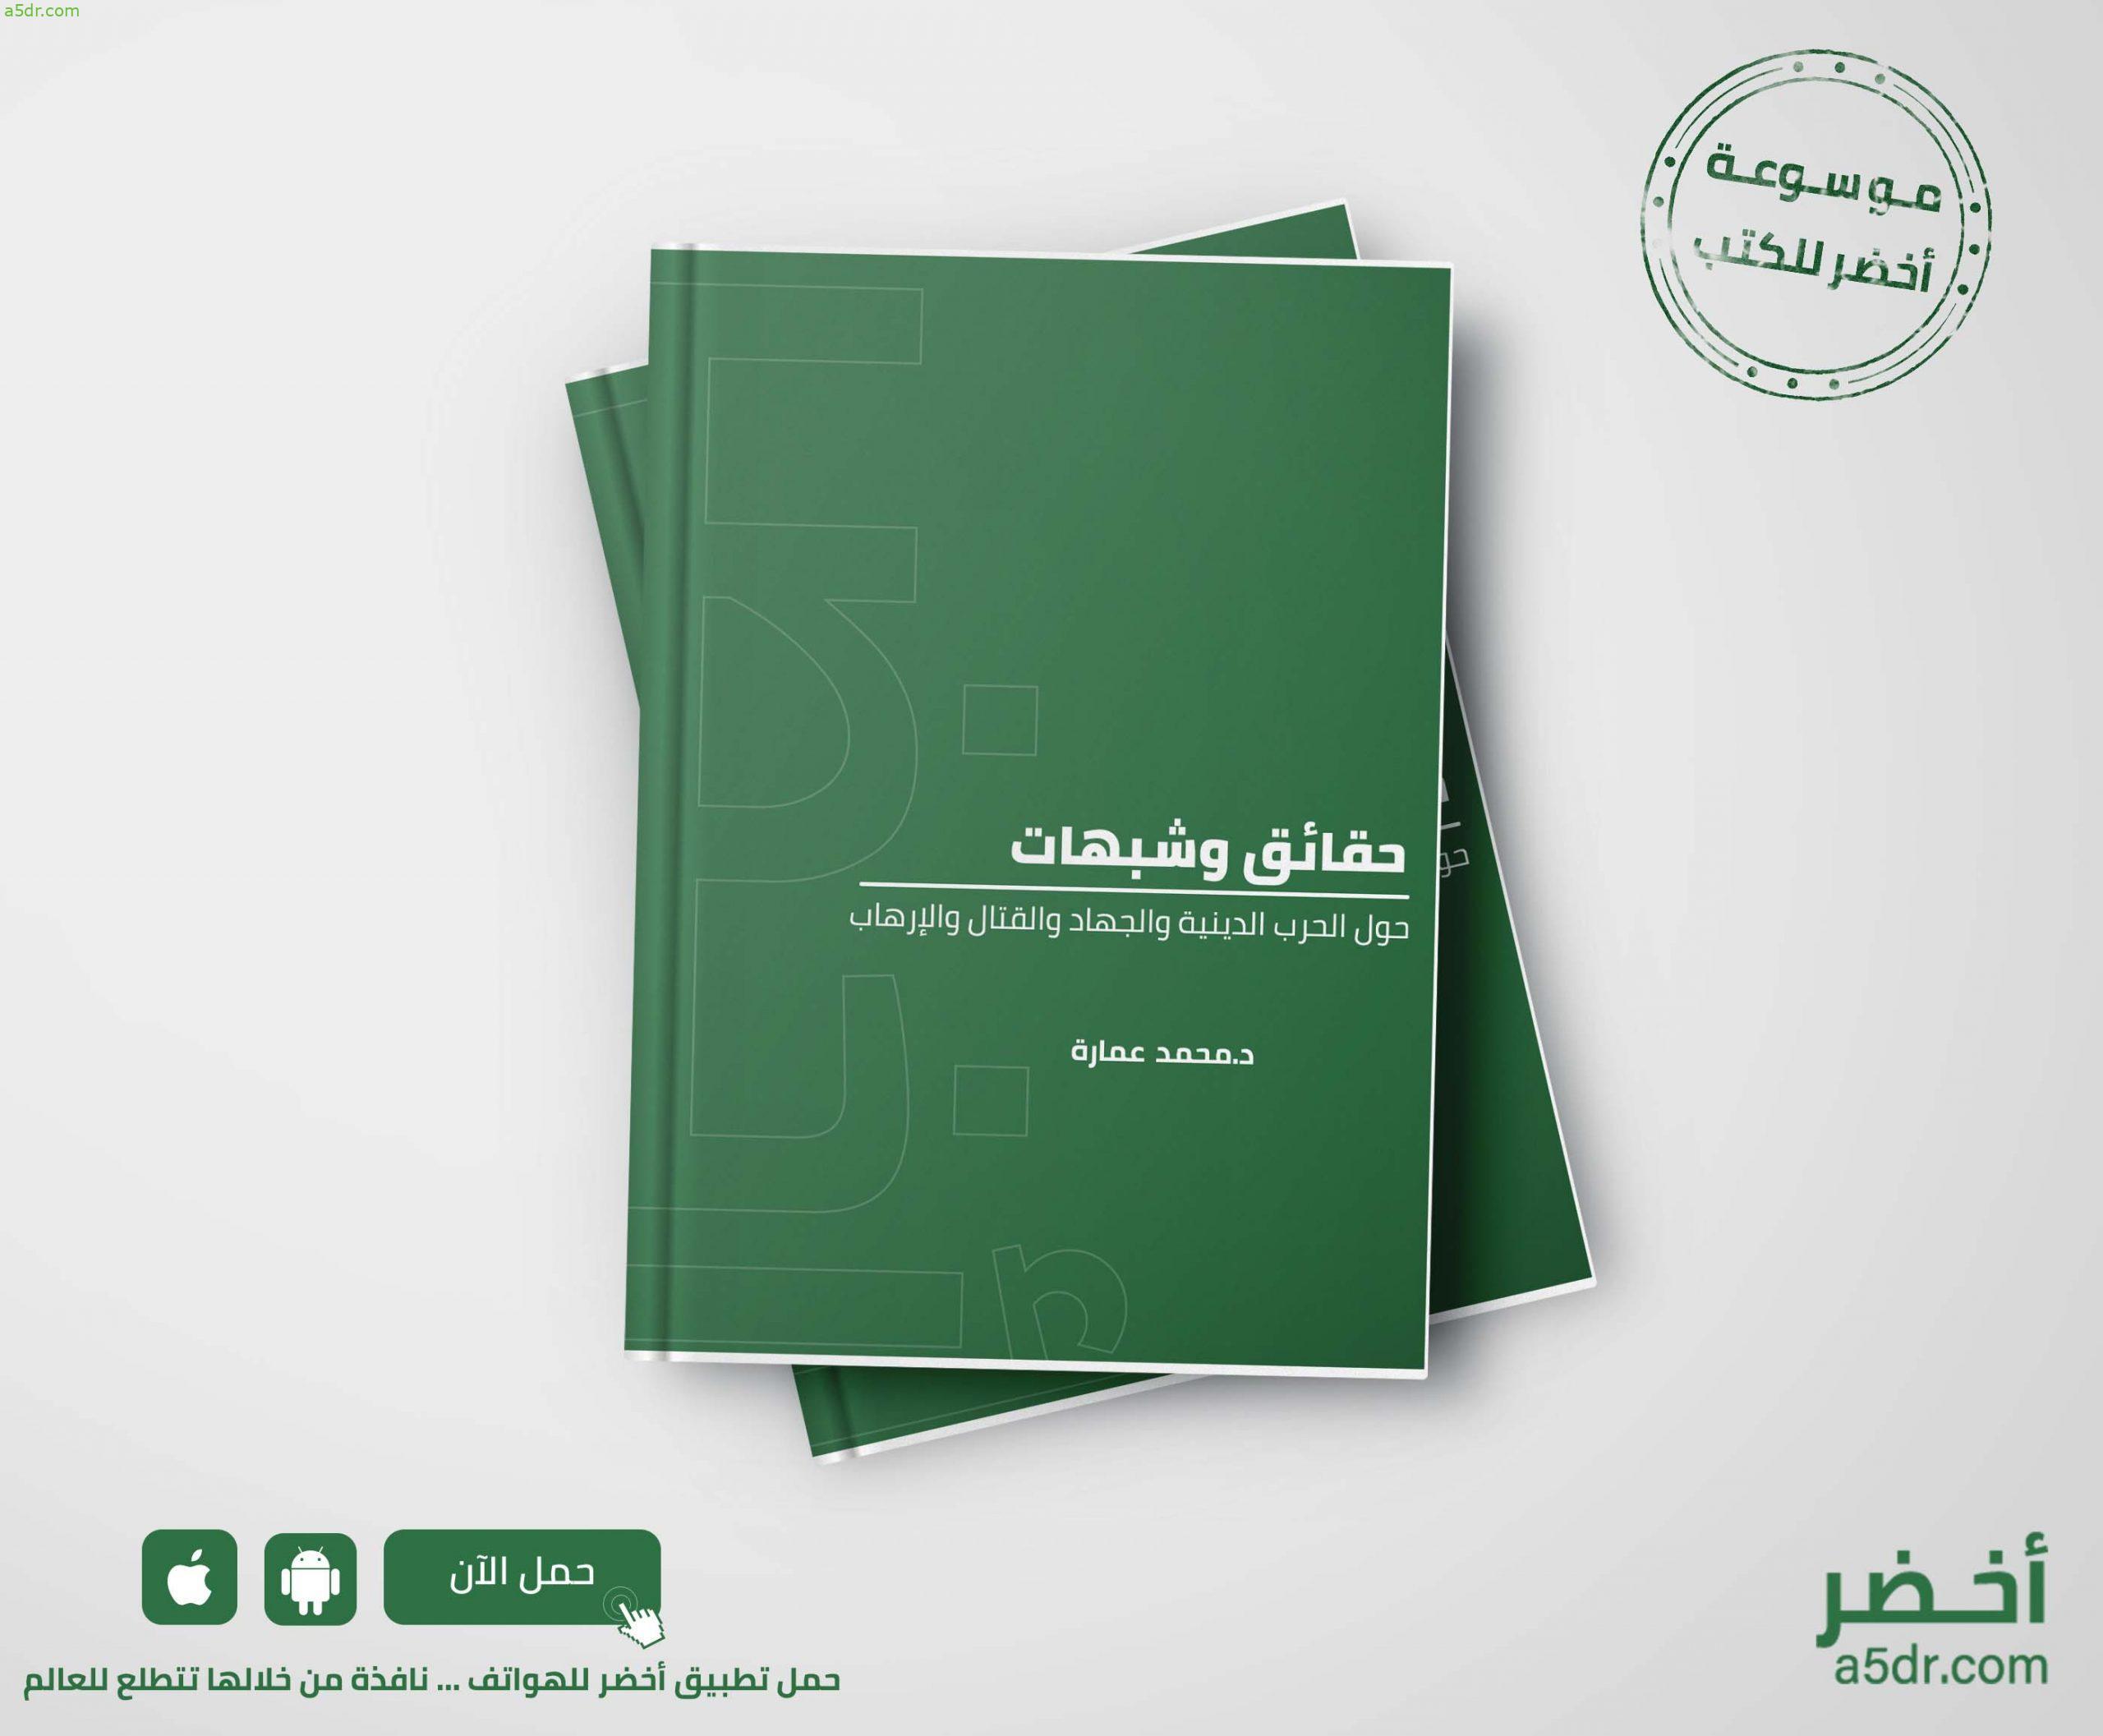 كتاب حقائق وشبهات حول الحرب الدينية والجهاد والقتال والإرهاب - محمد عمارة